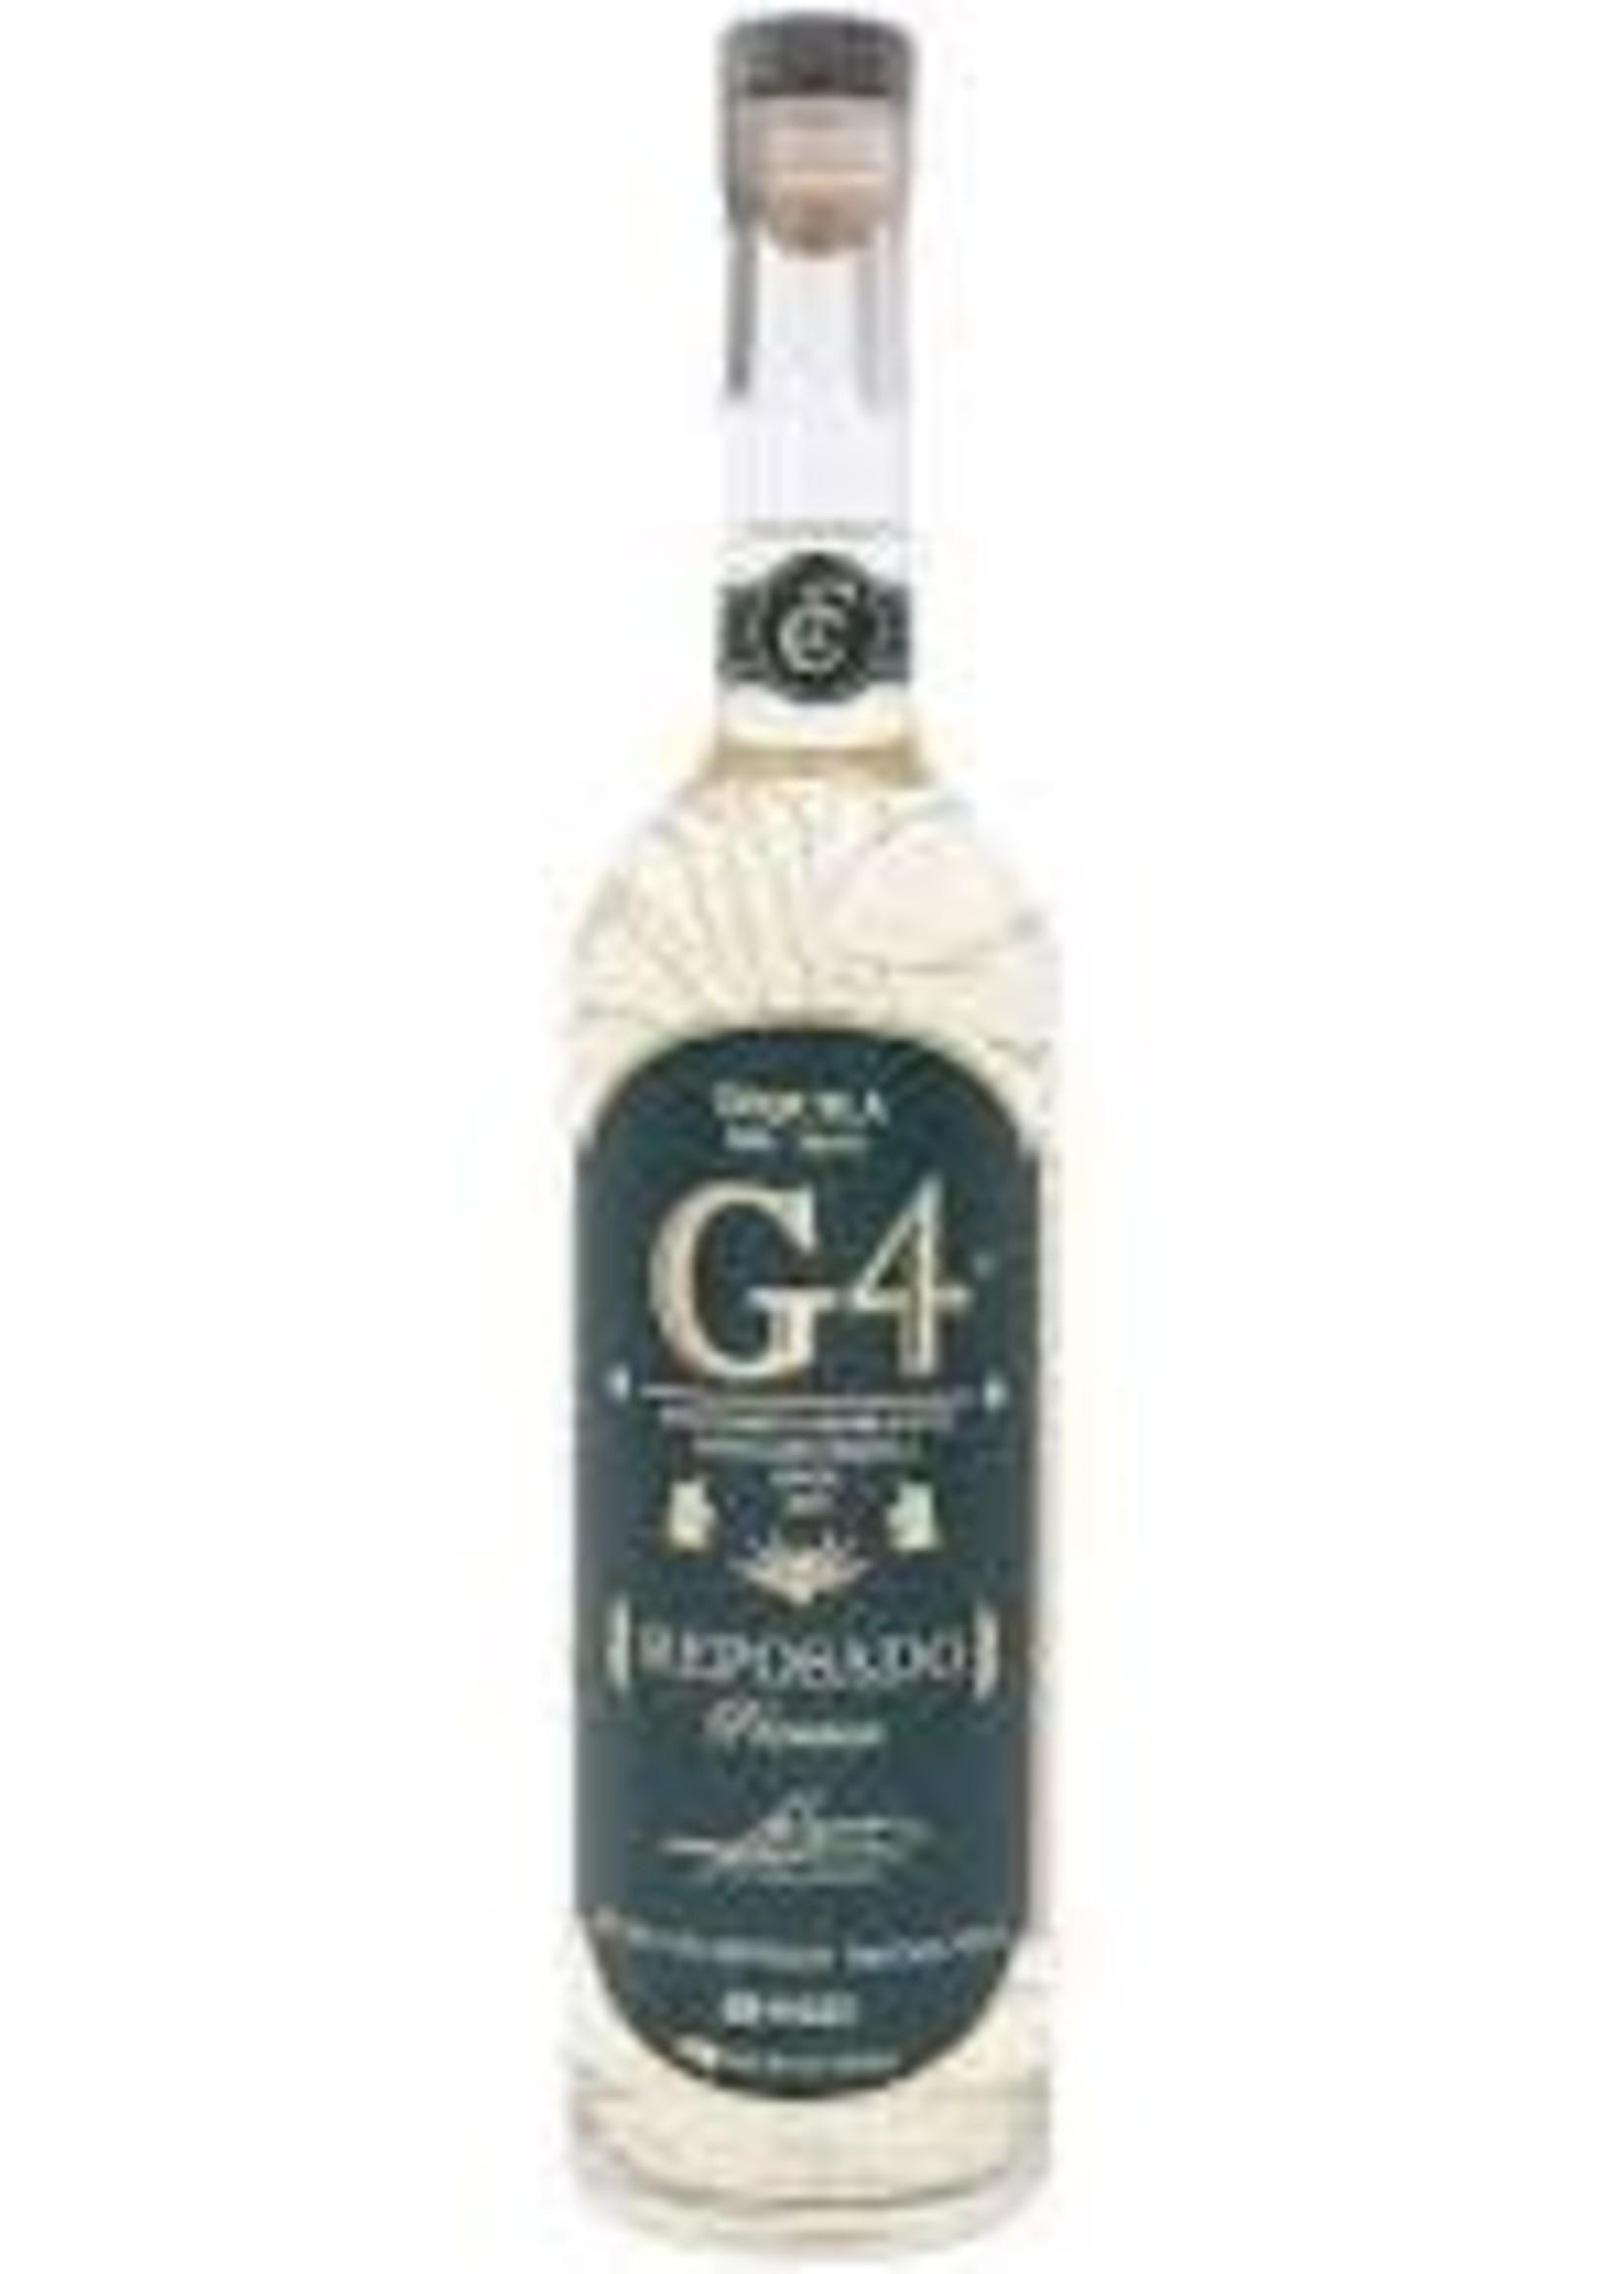 G4 Tequila Reposado 750ml